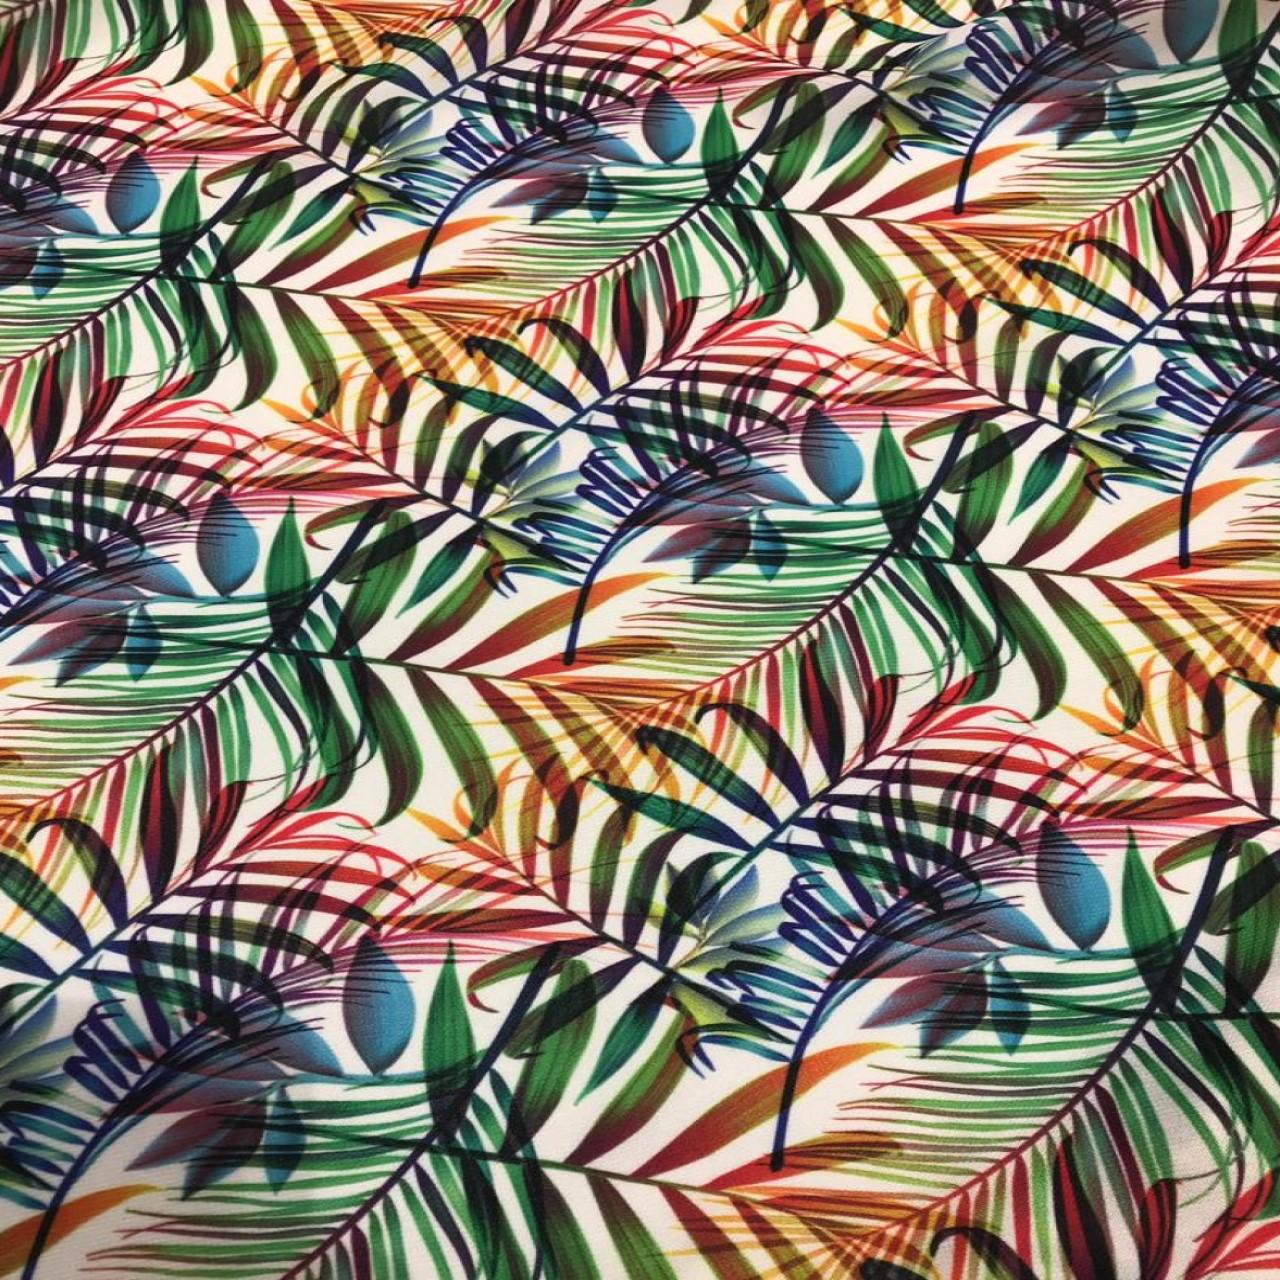 پارچه لباسی طرح برگ رنگی کد 1088